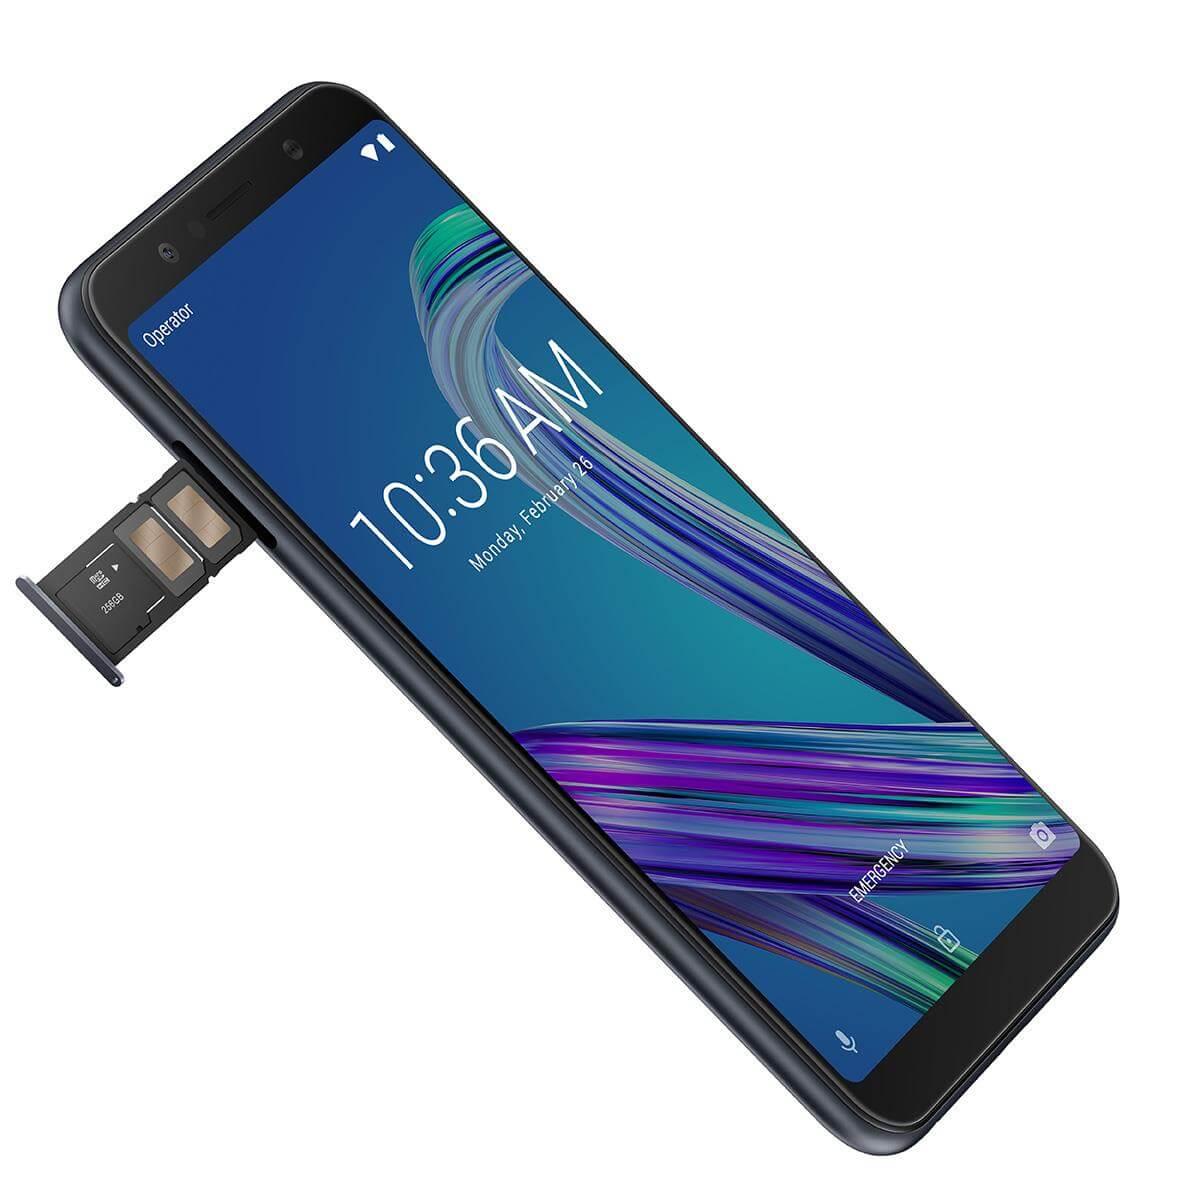 Spesifikasi Dan Harga Smartphone ASUS Zenfone Max Pro M1